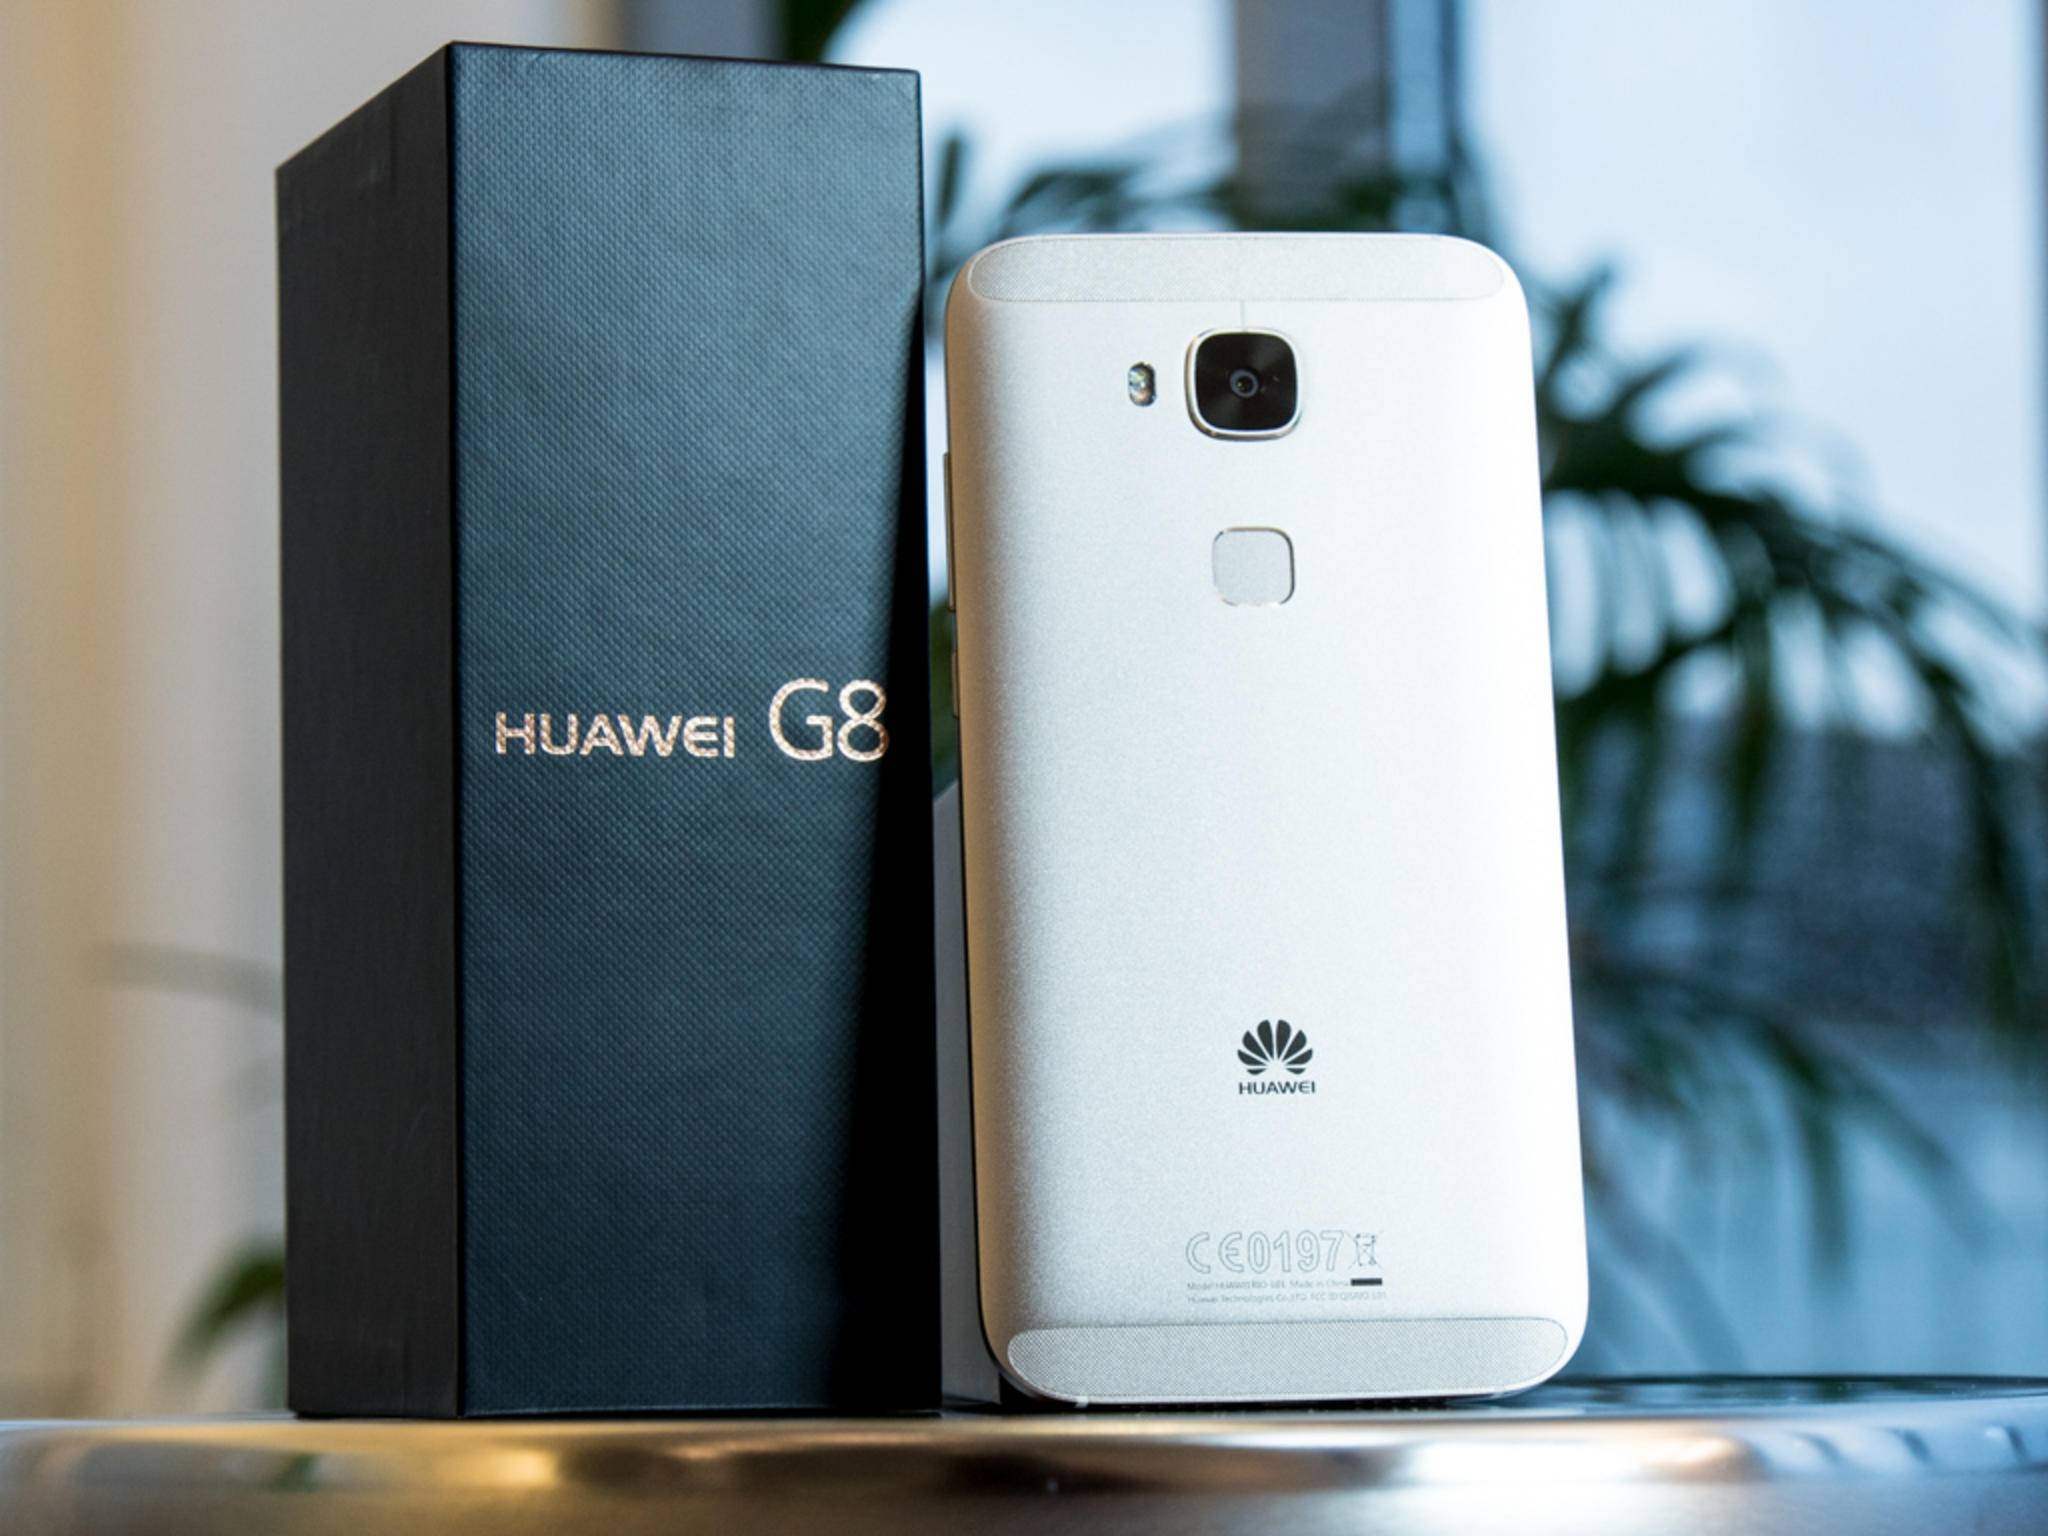 Mit unseren Akku-Tipps kannst Du die Laufzeit des Huawei G8 verlängern.